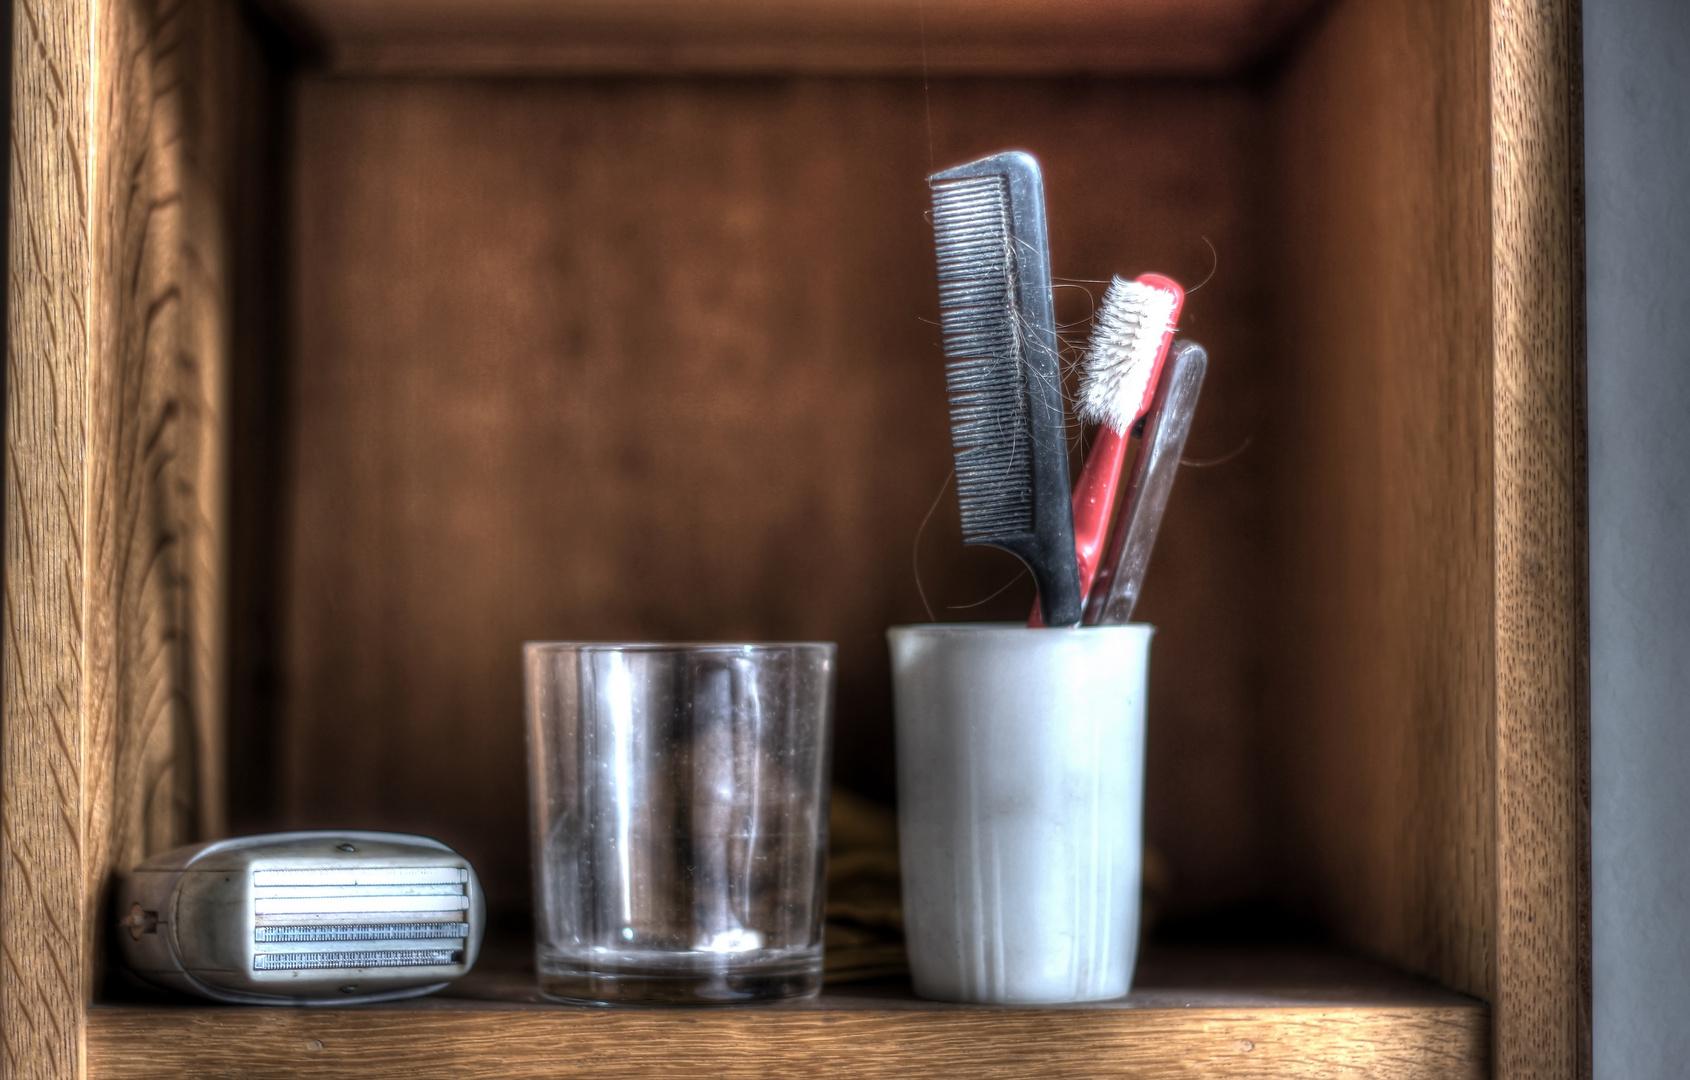 Vor dem Schlafen gehen Zähneputzen nicht vergessen